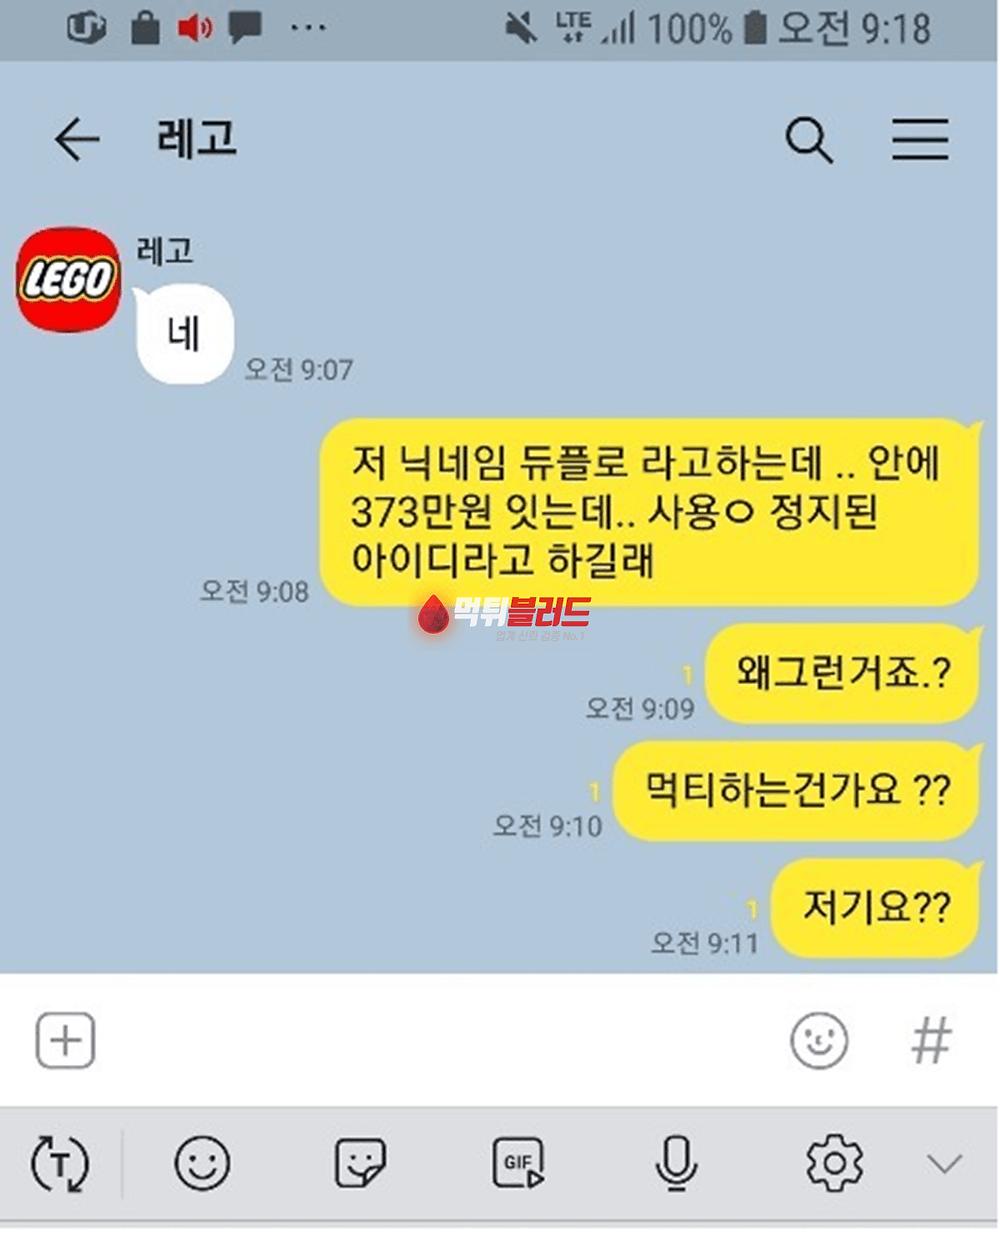 레고 lego 먹튀사이트 - 먹튀 안전놀이터 토토사이트추천 먹튀검증업체 먹튀블러드